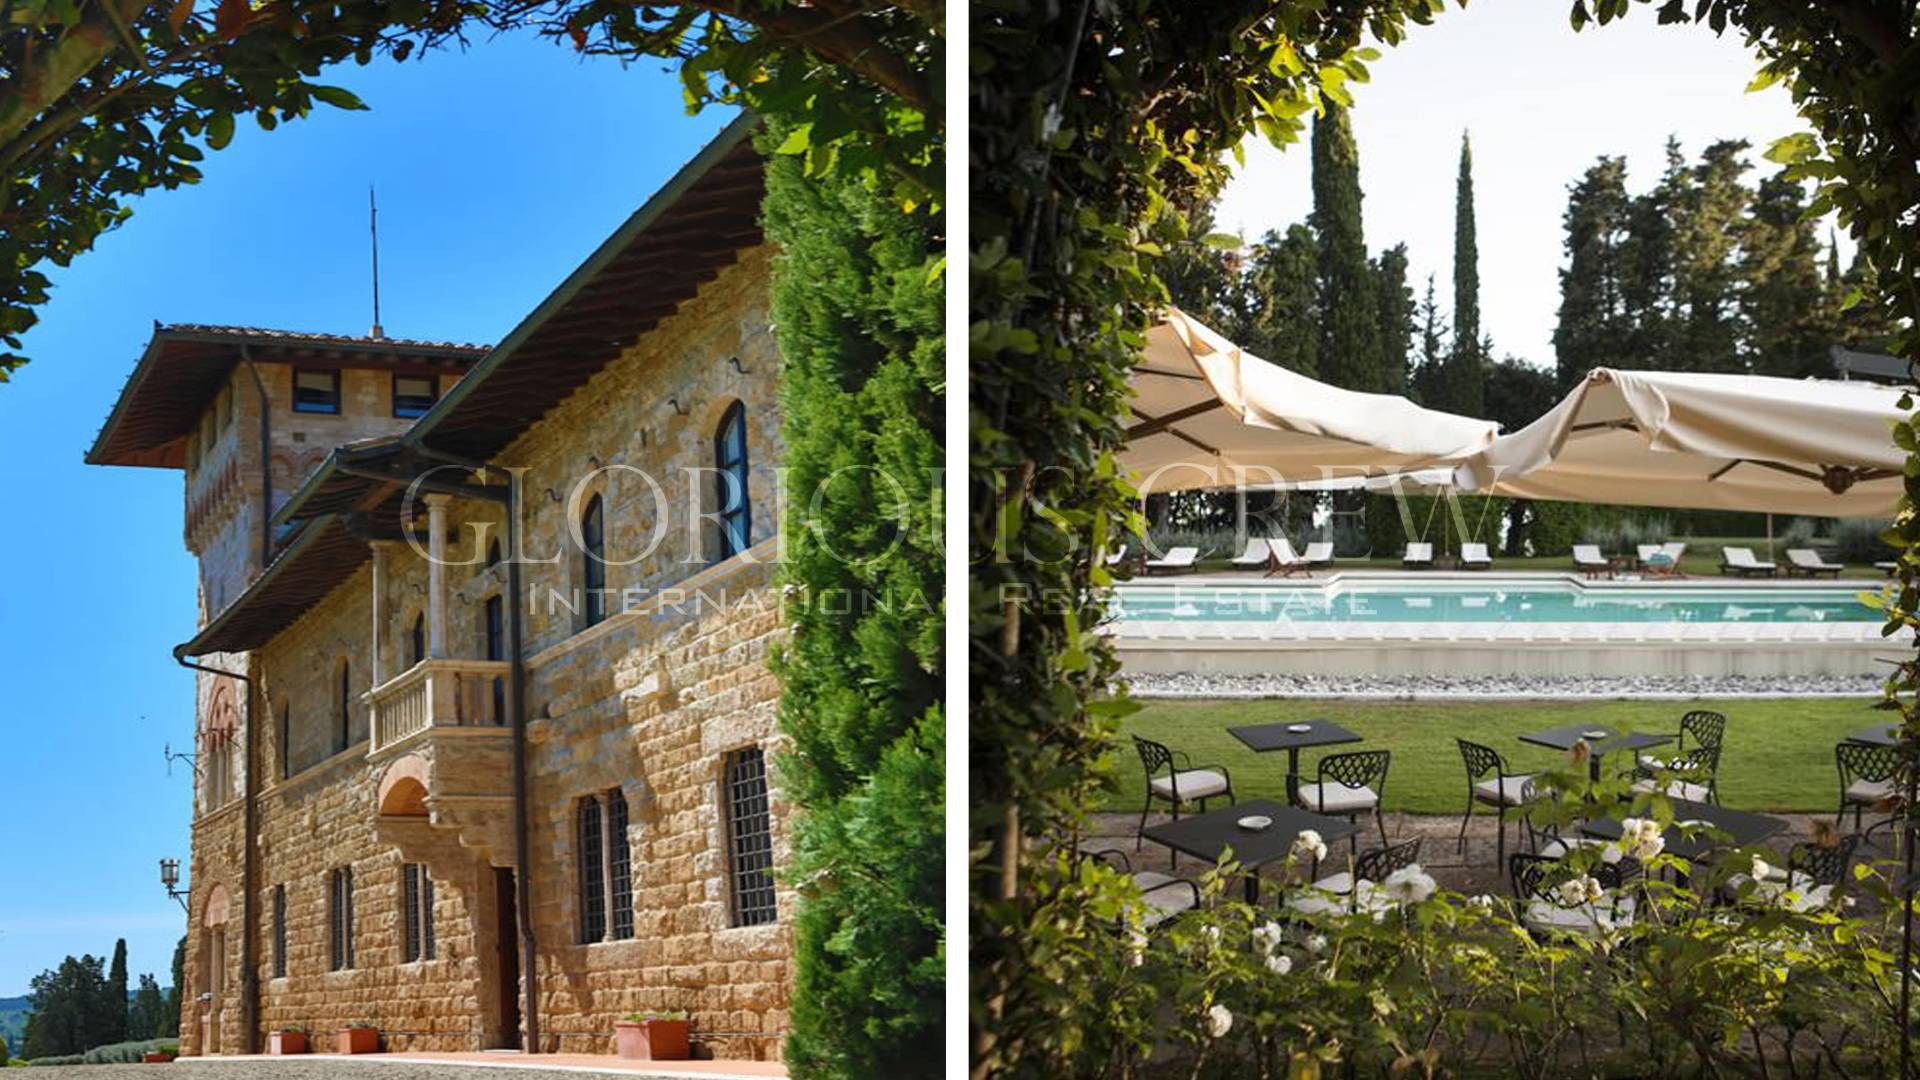 Rustico in Vendita a San Gimignano: 5 locali, 2500 mq - Foto 17